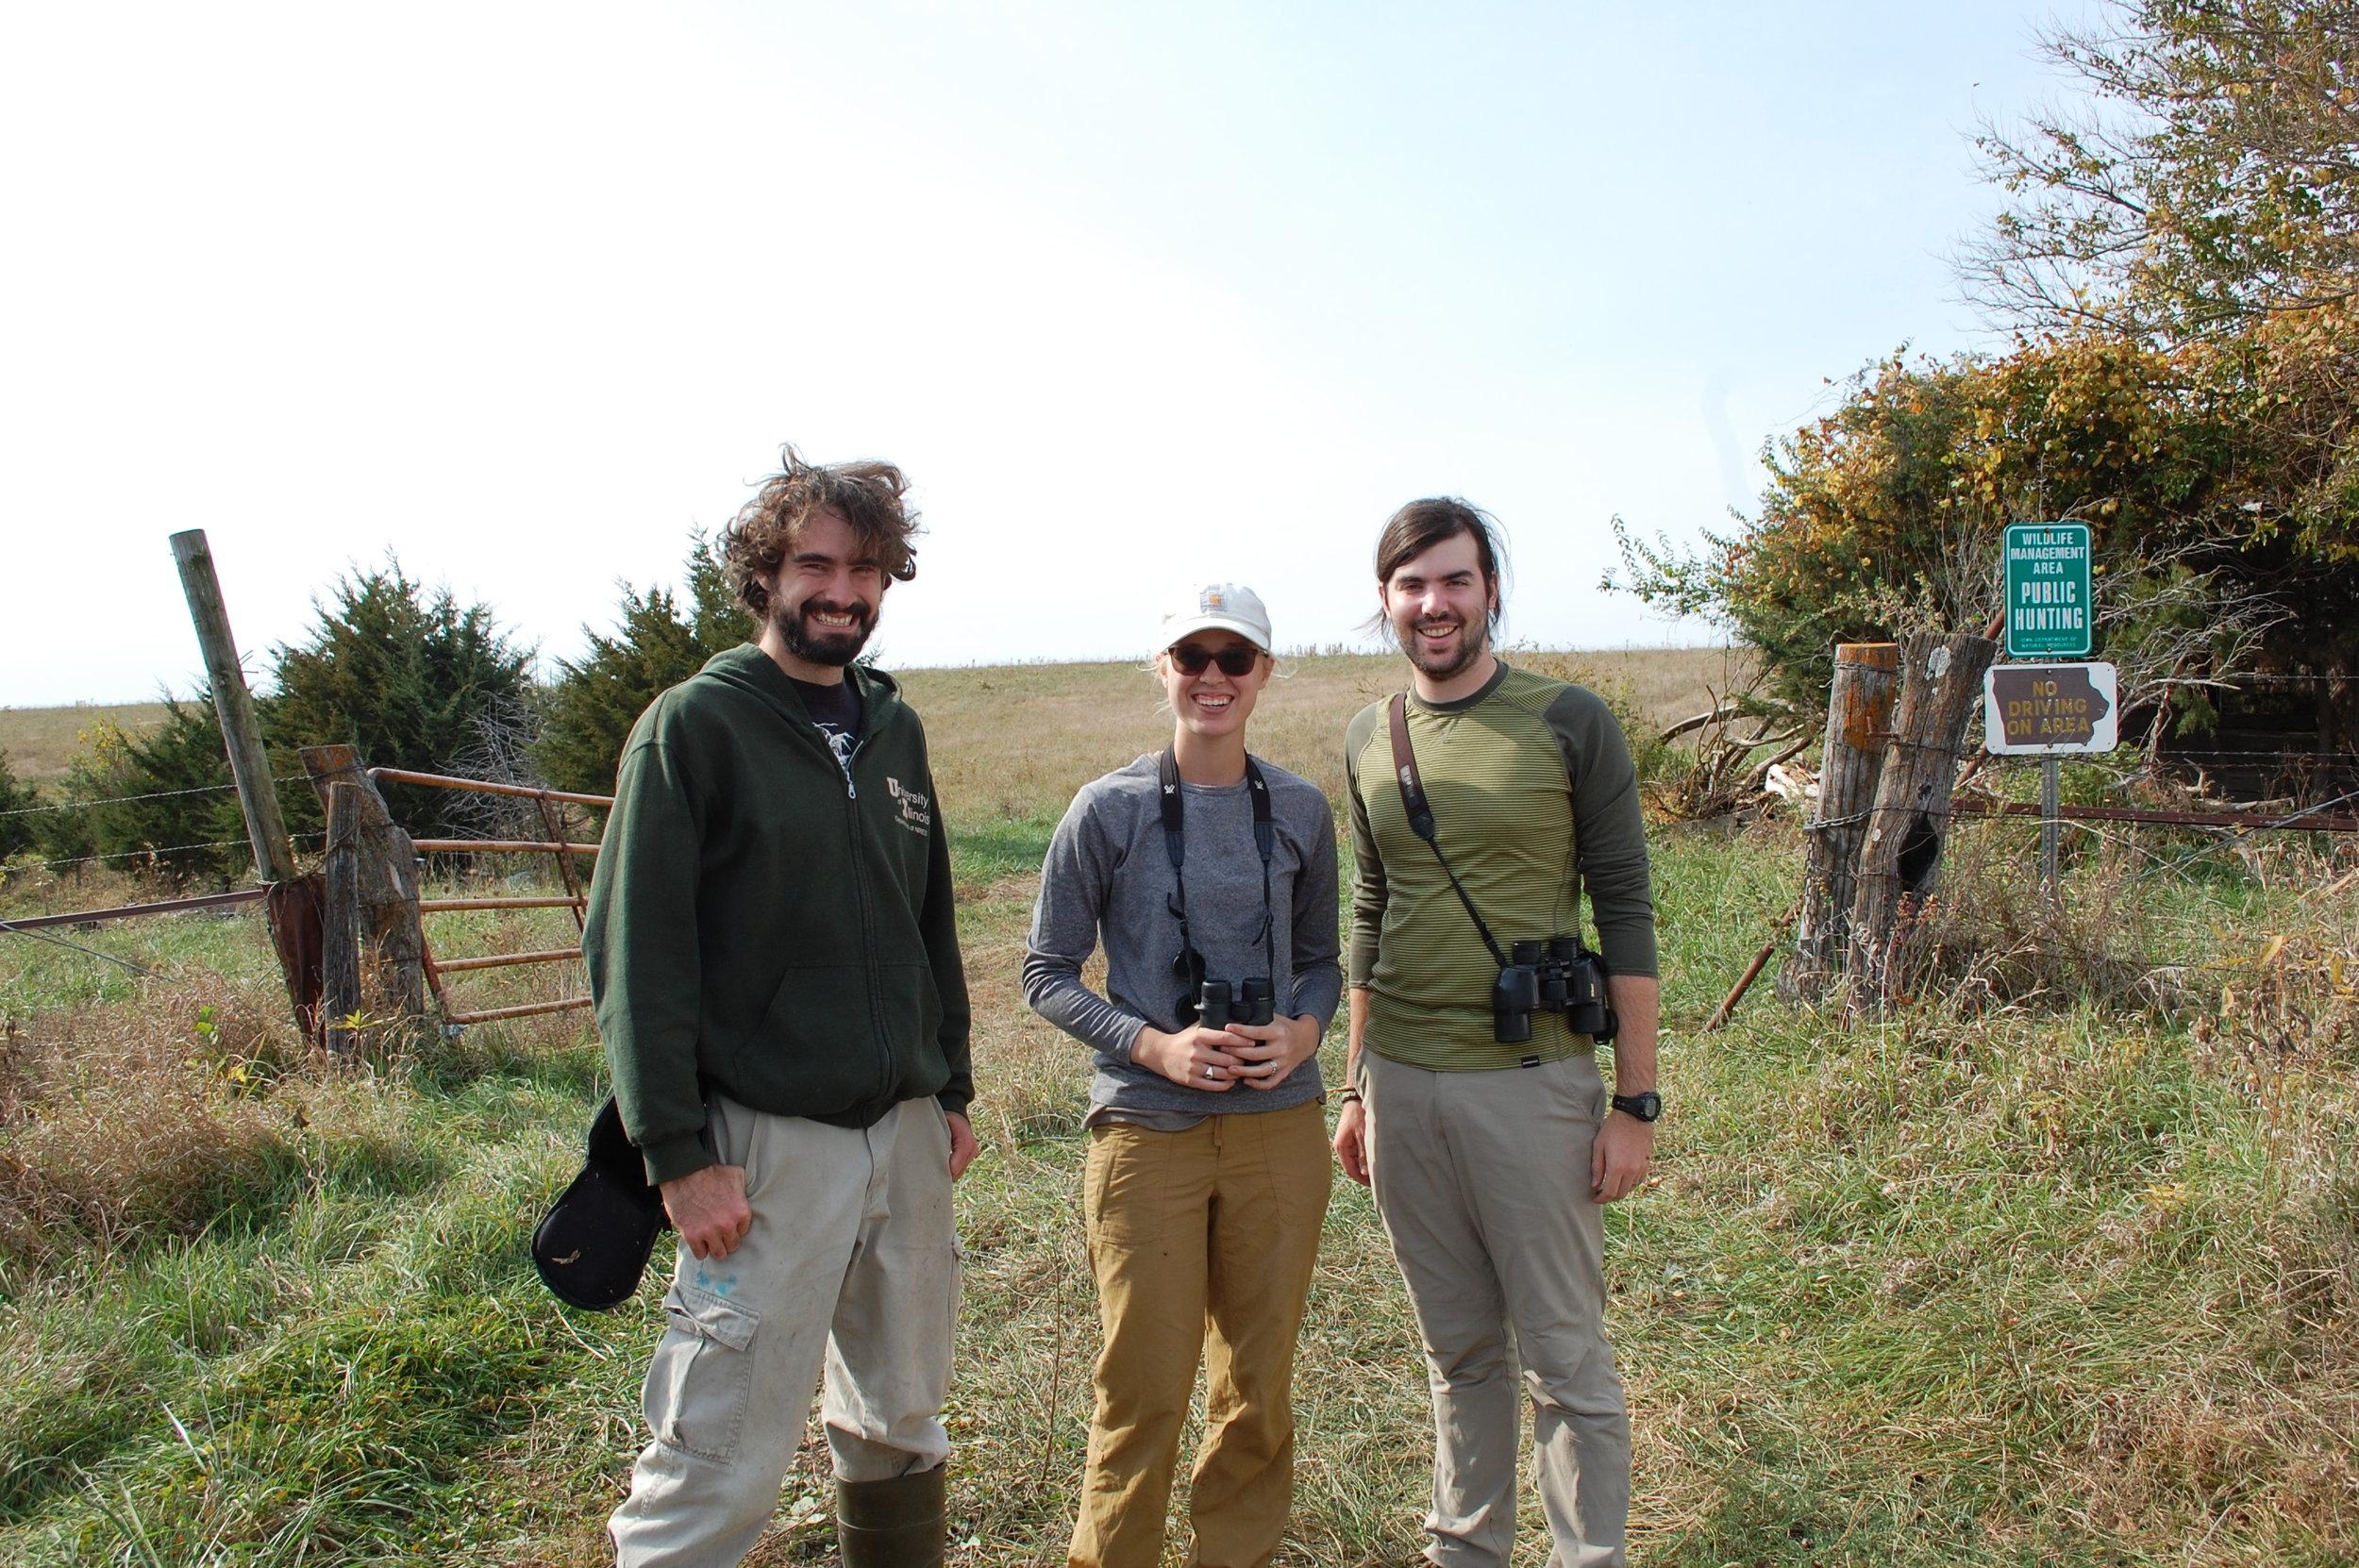 SBN_Miller biomass crew 1.JPG